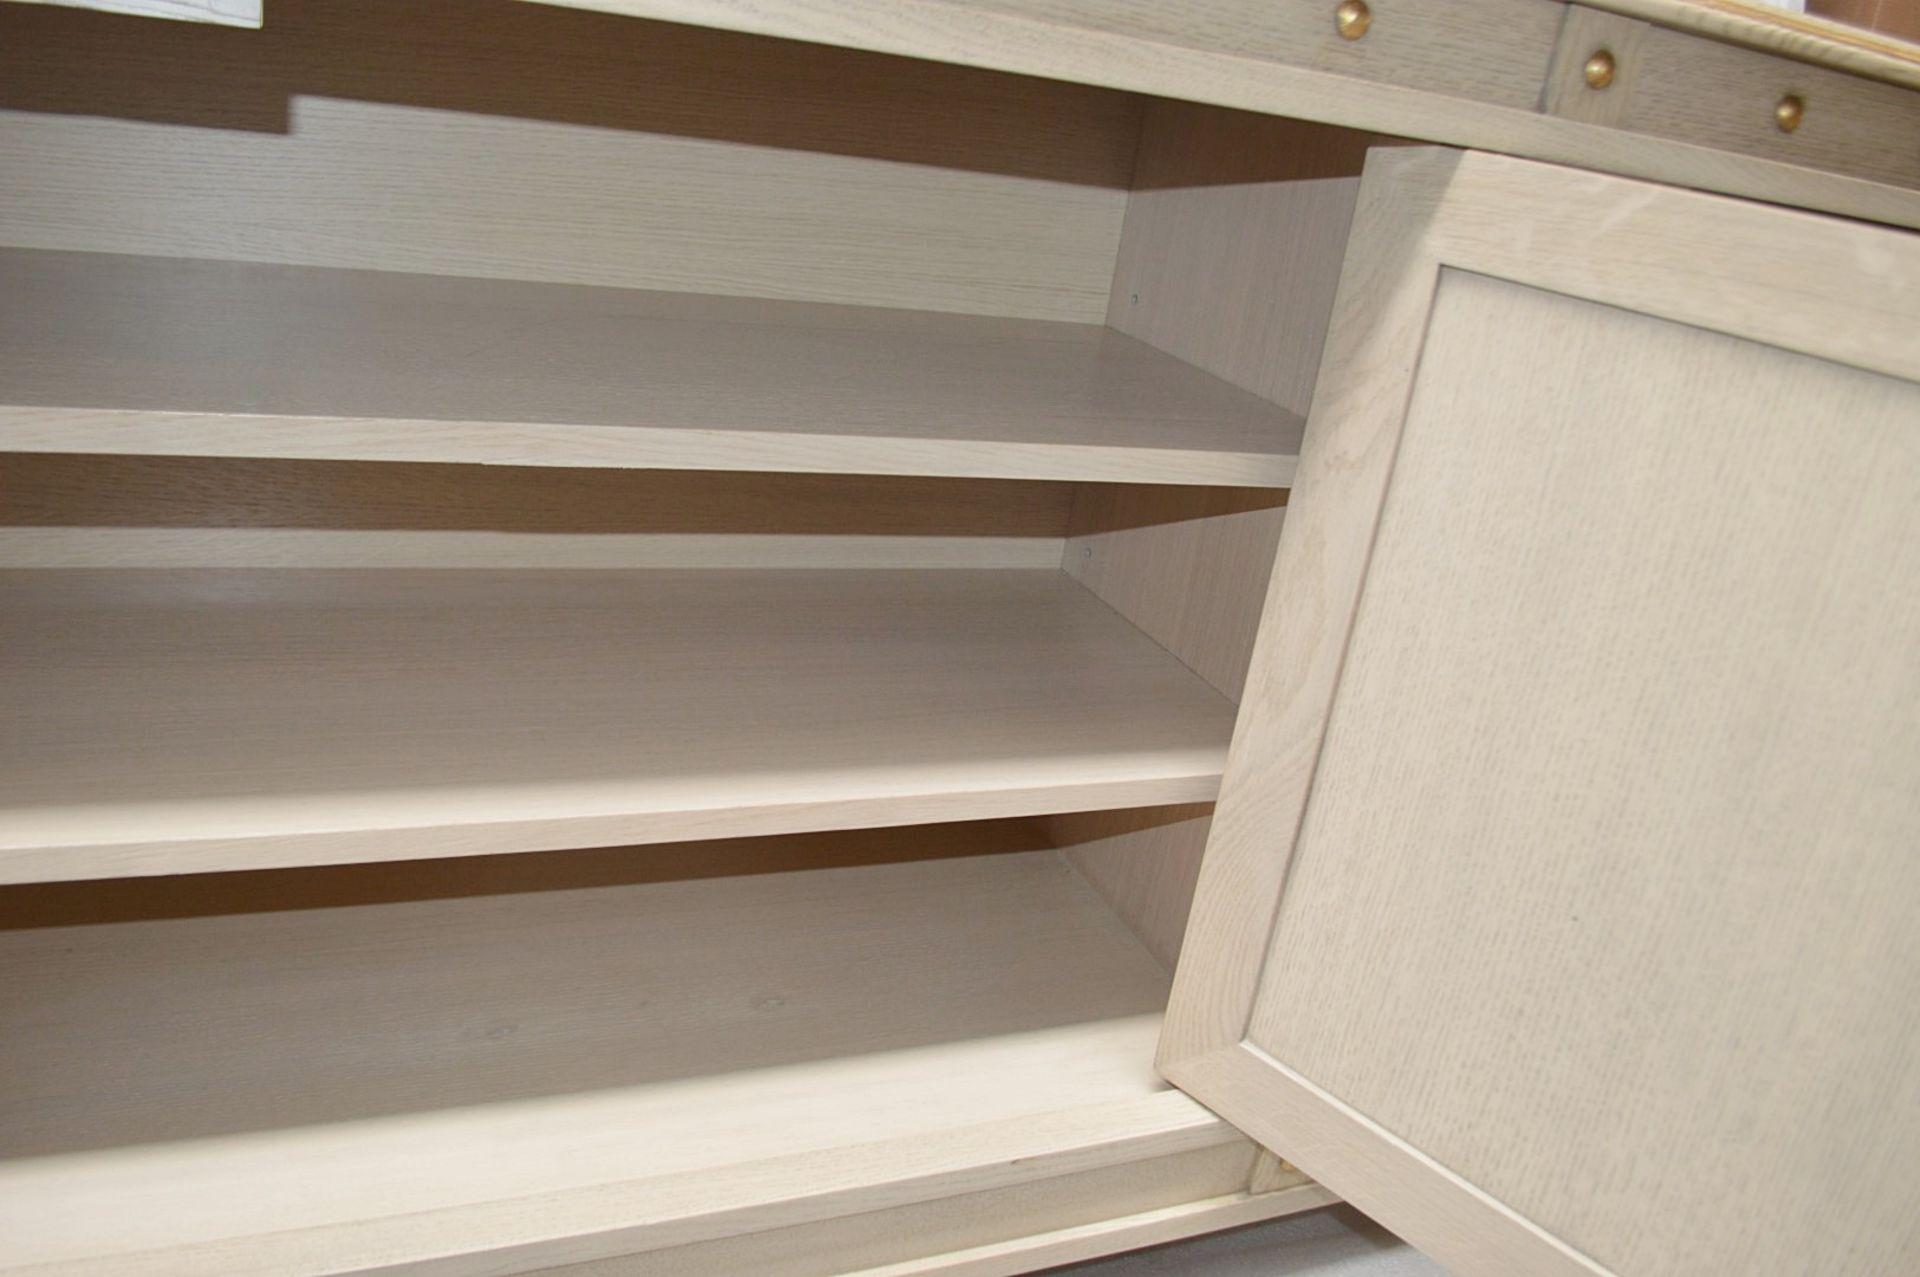 1 x JUSTIN VAN BREDA 'Monty' DesignerRegency-inspired3-Door Sideboard - Original RRP £9,700 - Image 6 of 16